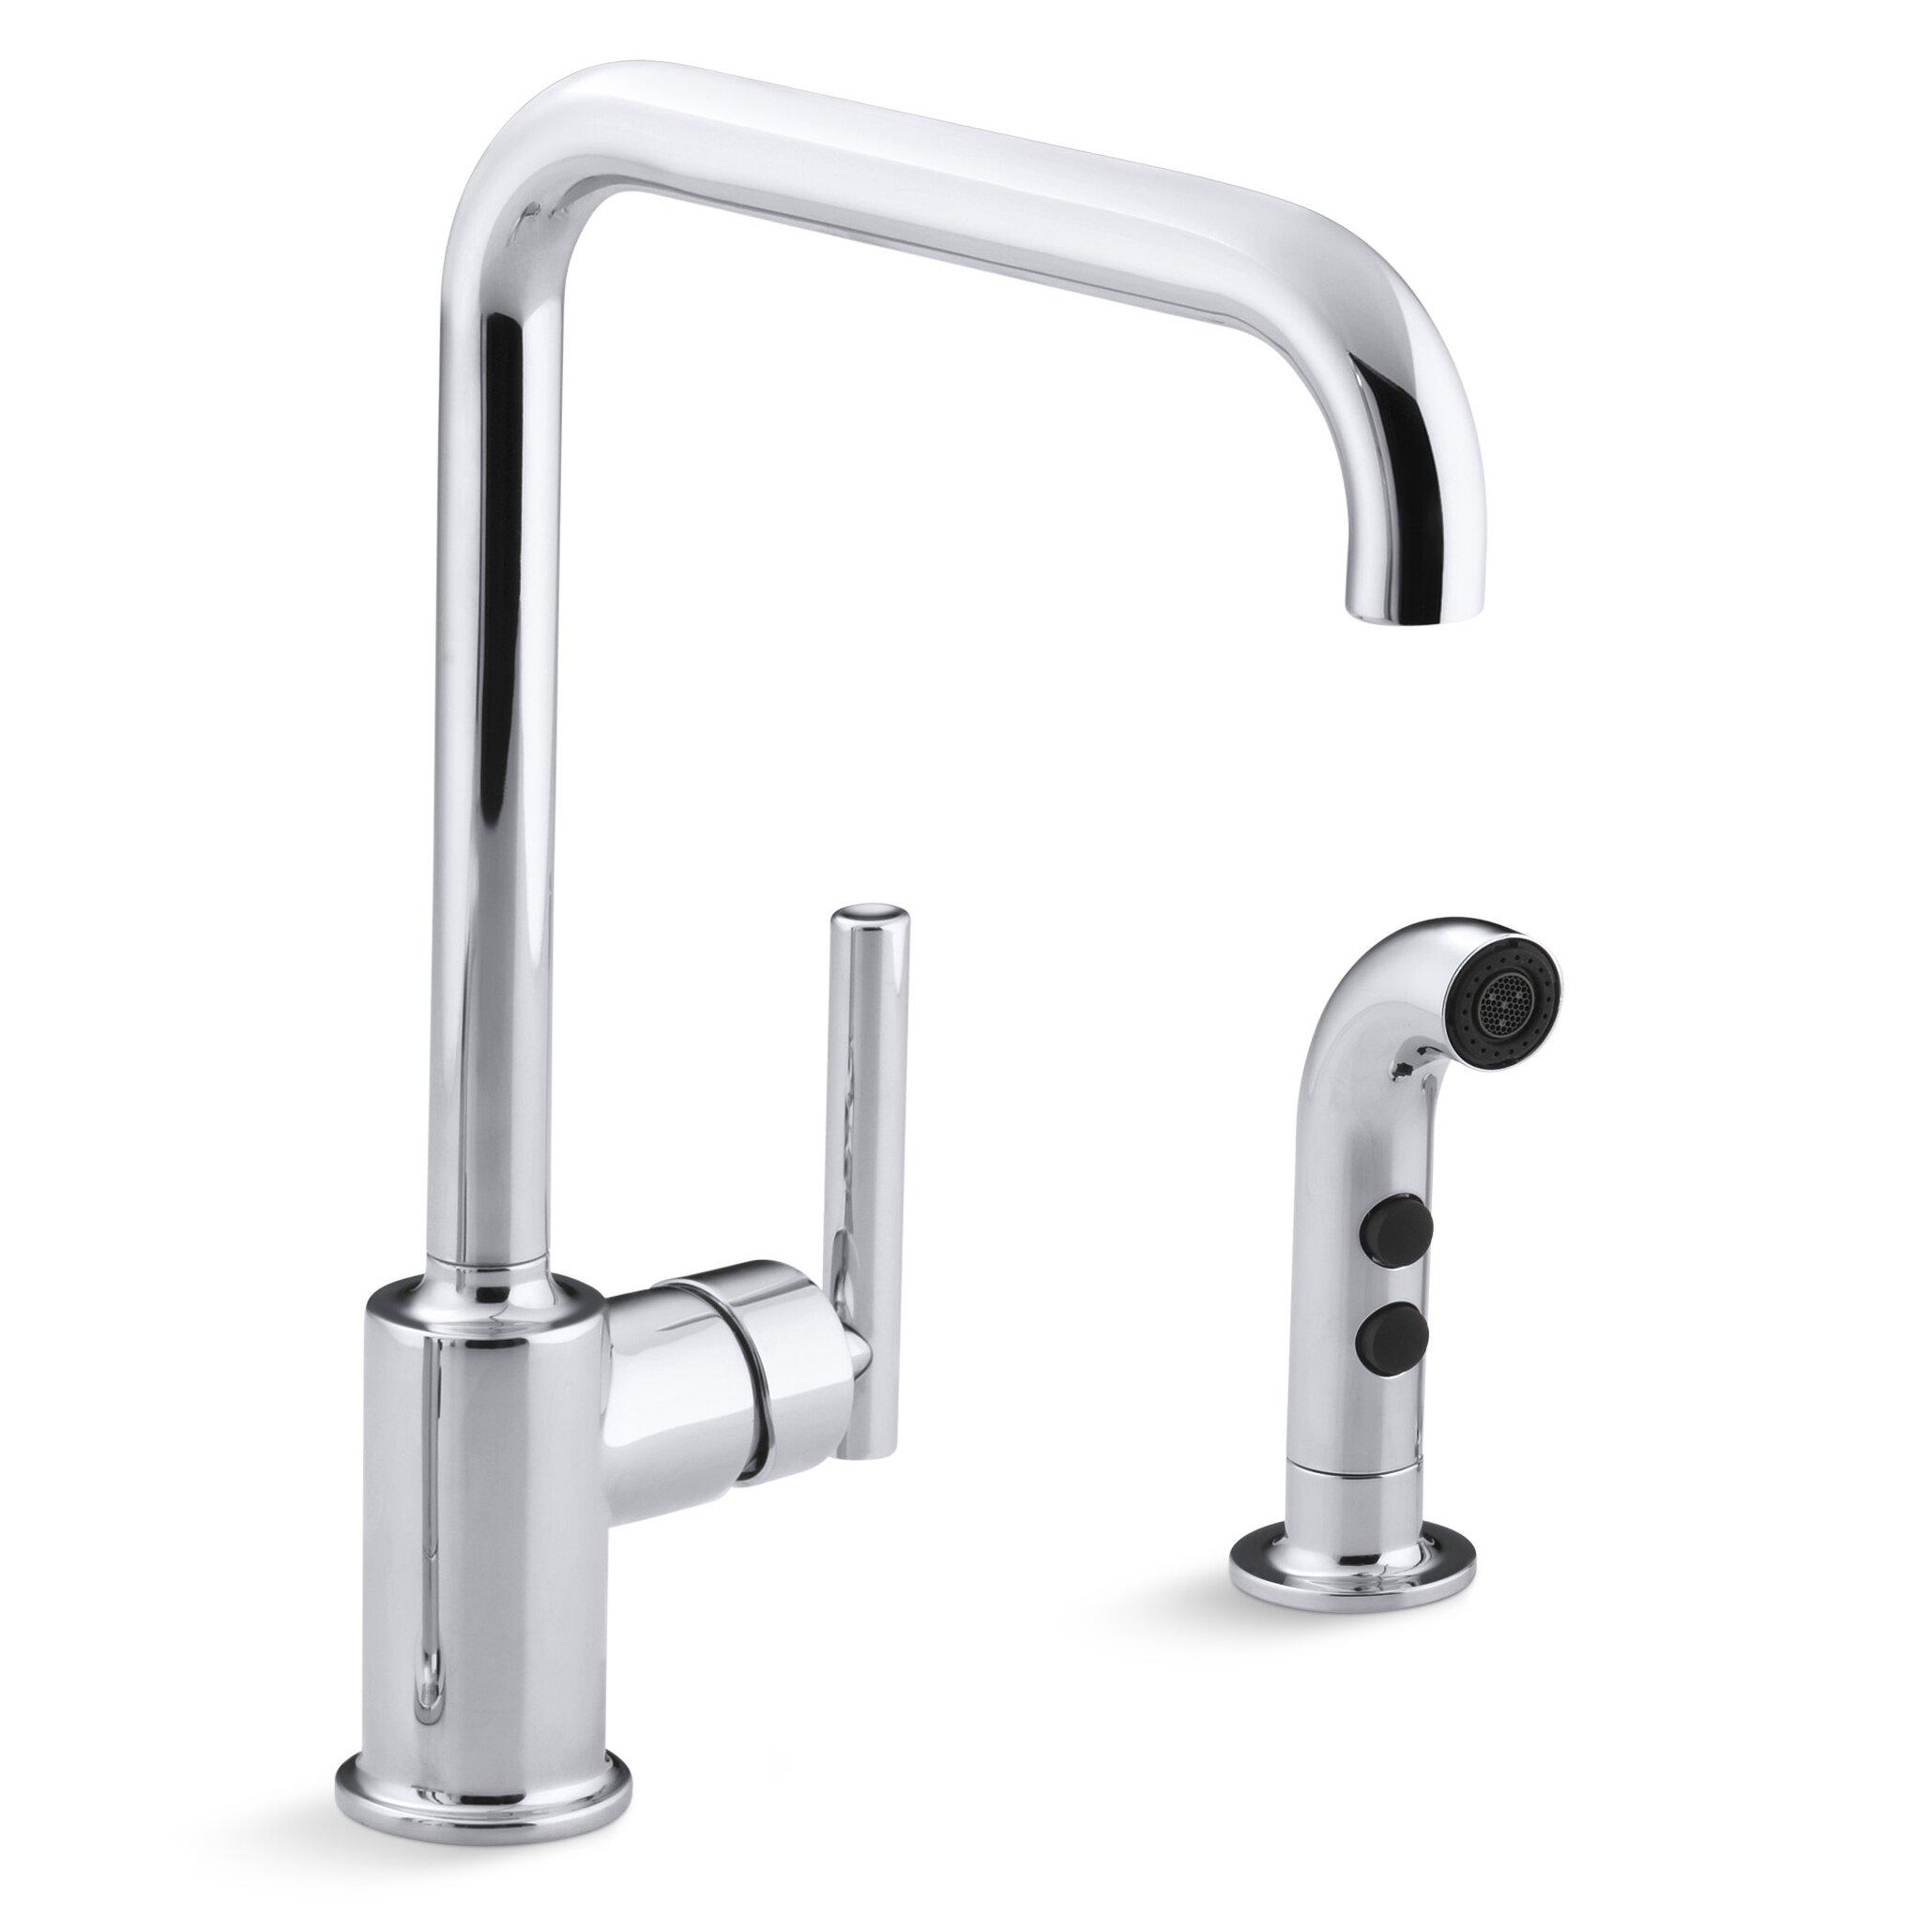 bathroom kohler kitchen sink faucets with kohler wall mount kohler